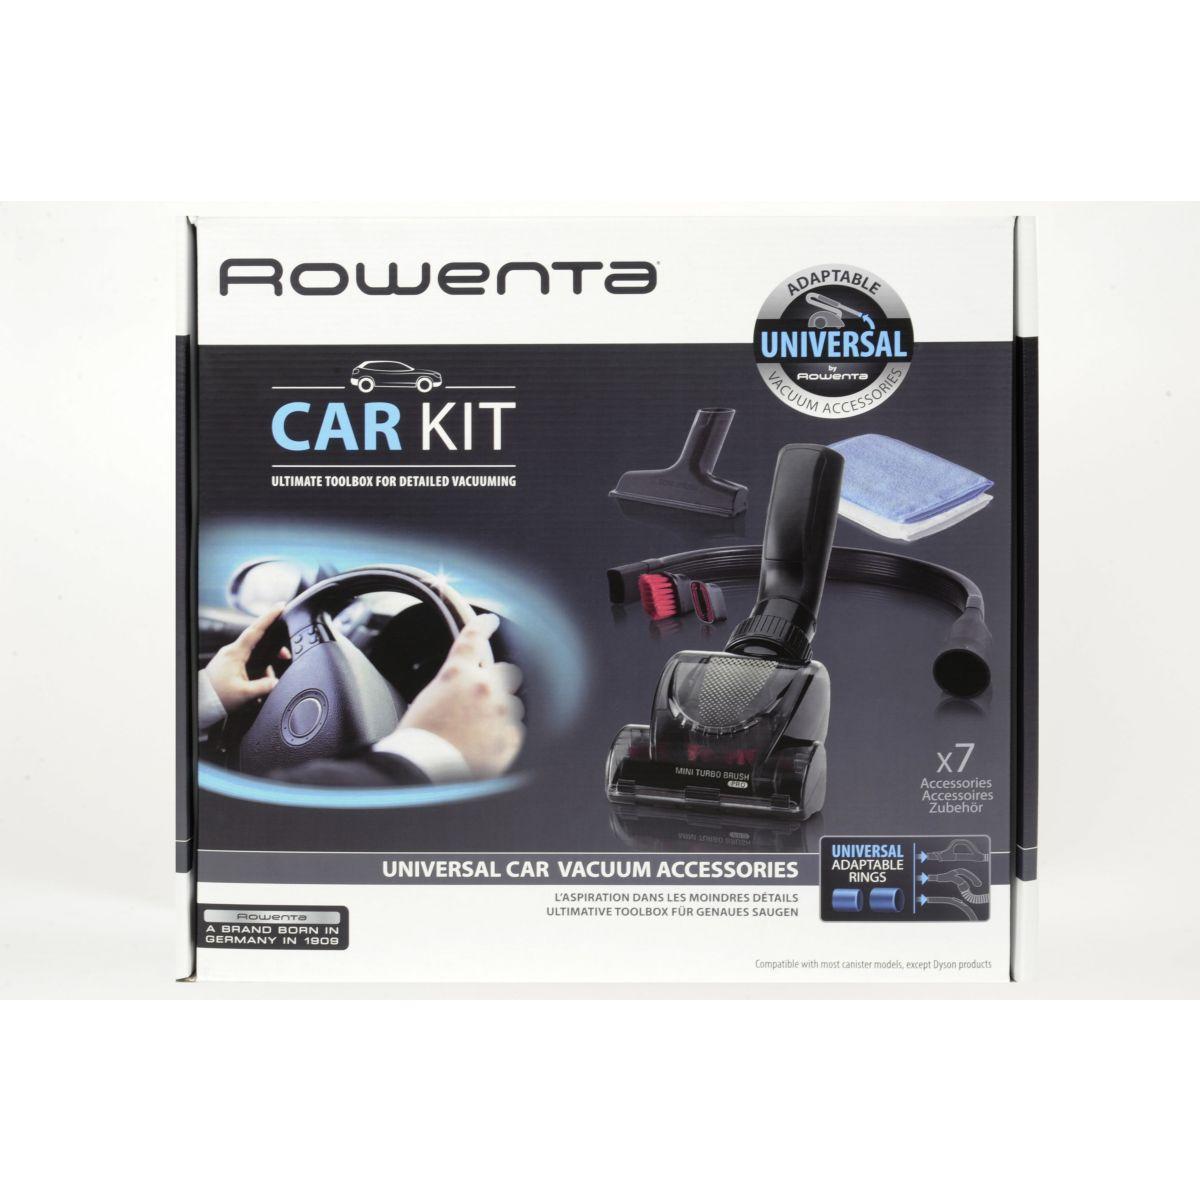 Kit rowenta zr001110 voiture - 20% de remise imm�diate avec le code : wd20 (photo)